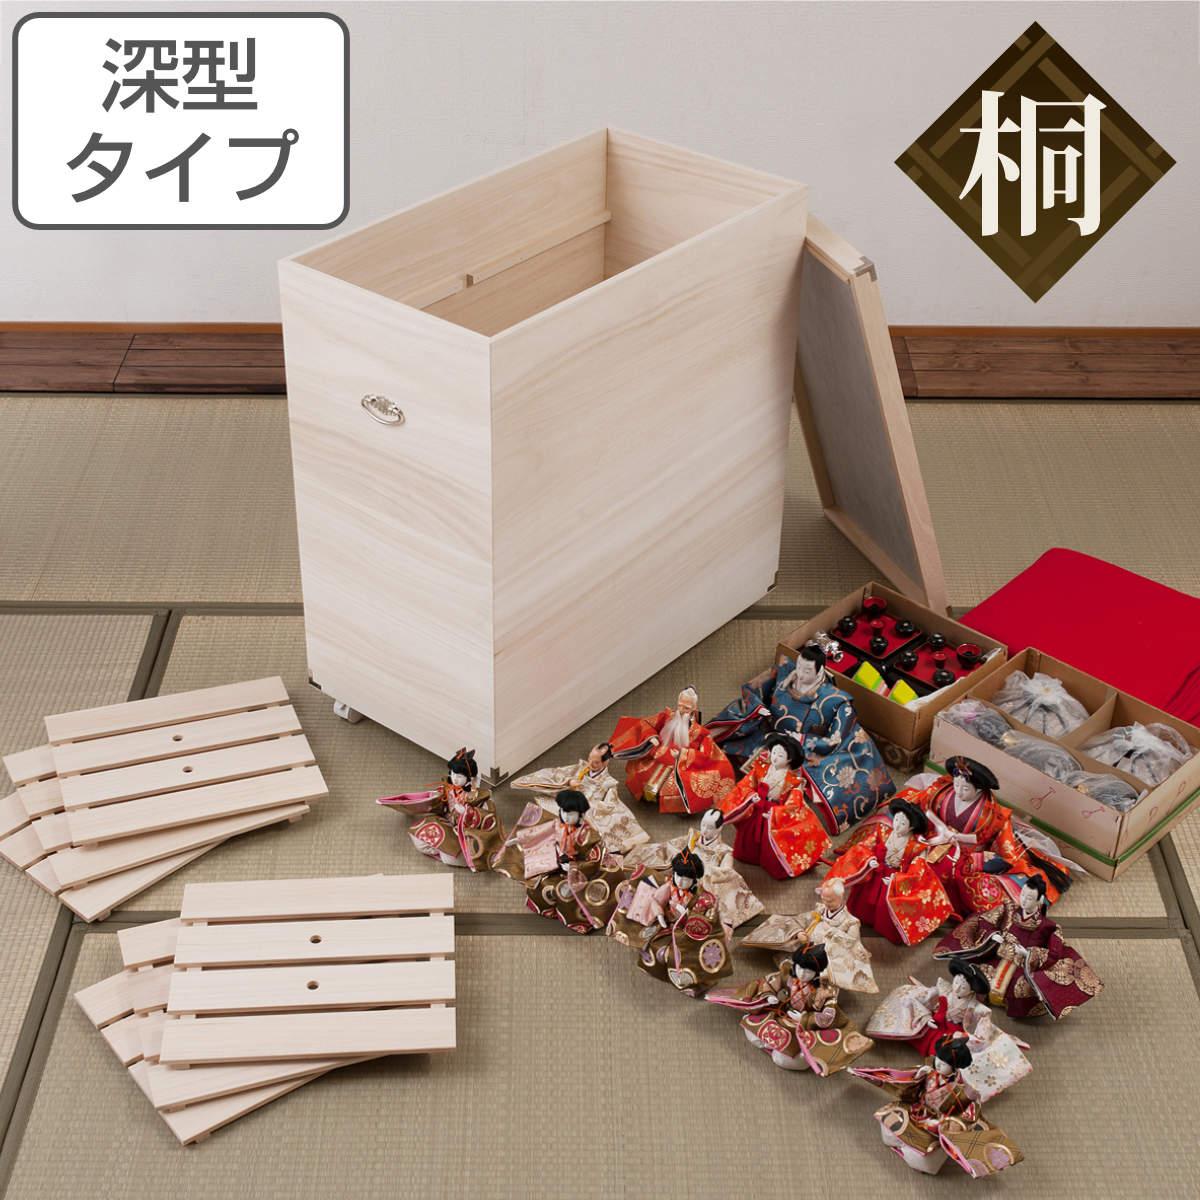 桐衣装箱 深型 日本製 ひな人形ケース 竹炭シート入り 高さ72.5cm ( 送料無料 雛人形収納 雛人形ケース 雛人形 桐収納 収納箱 桐材 桐 国産 ひな人形 キャスター付き 九番親王 京七番親王 7段飾り 七段飾り )